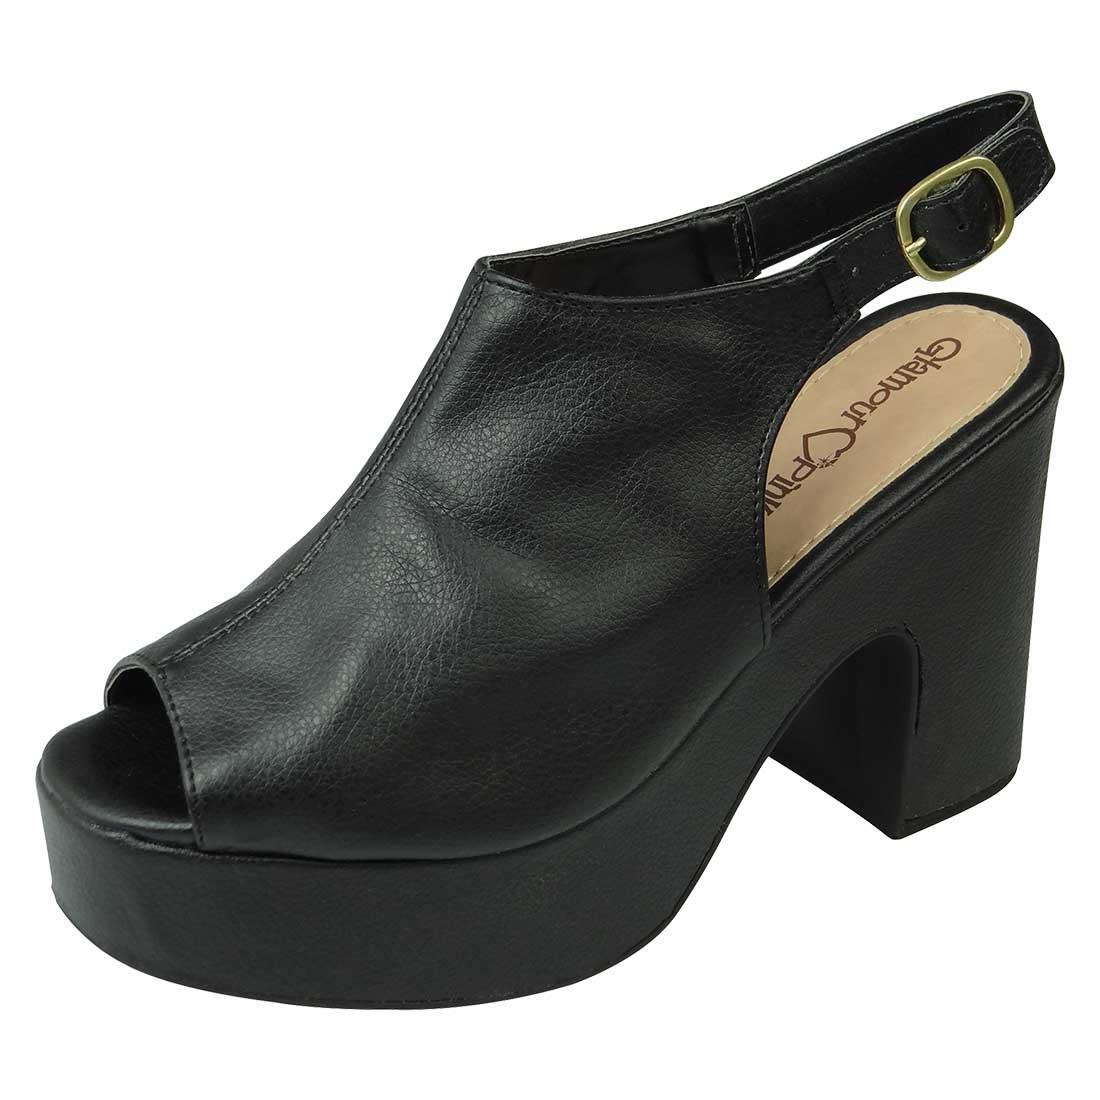 Sandal Boot Meia Pata - Preto